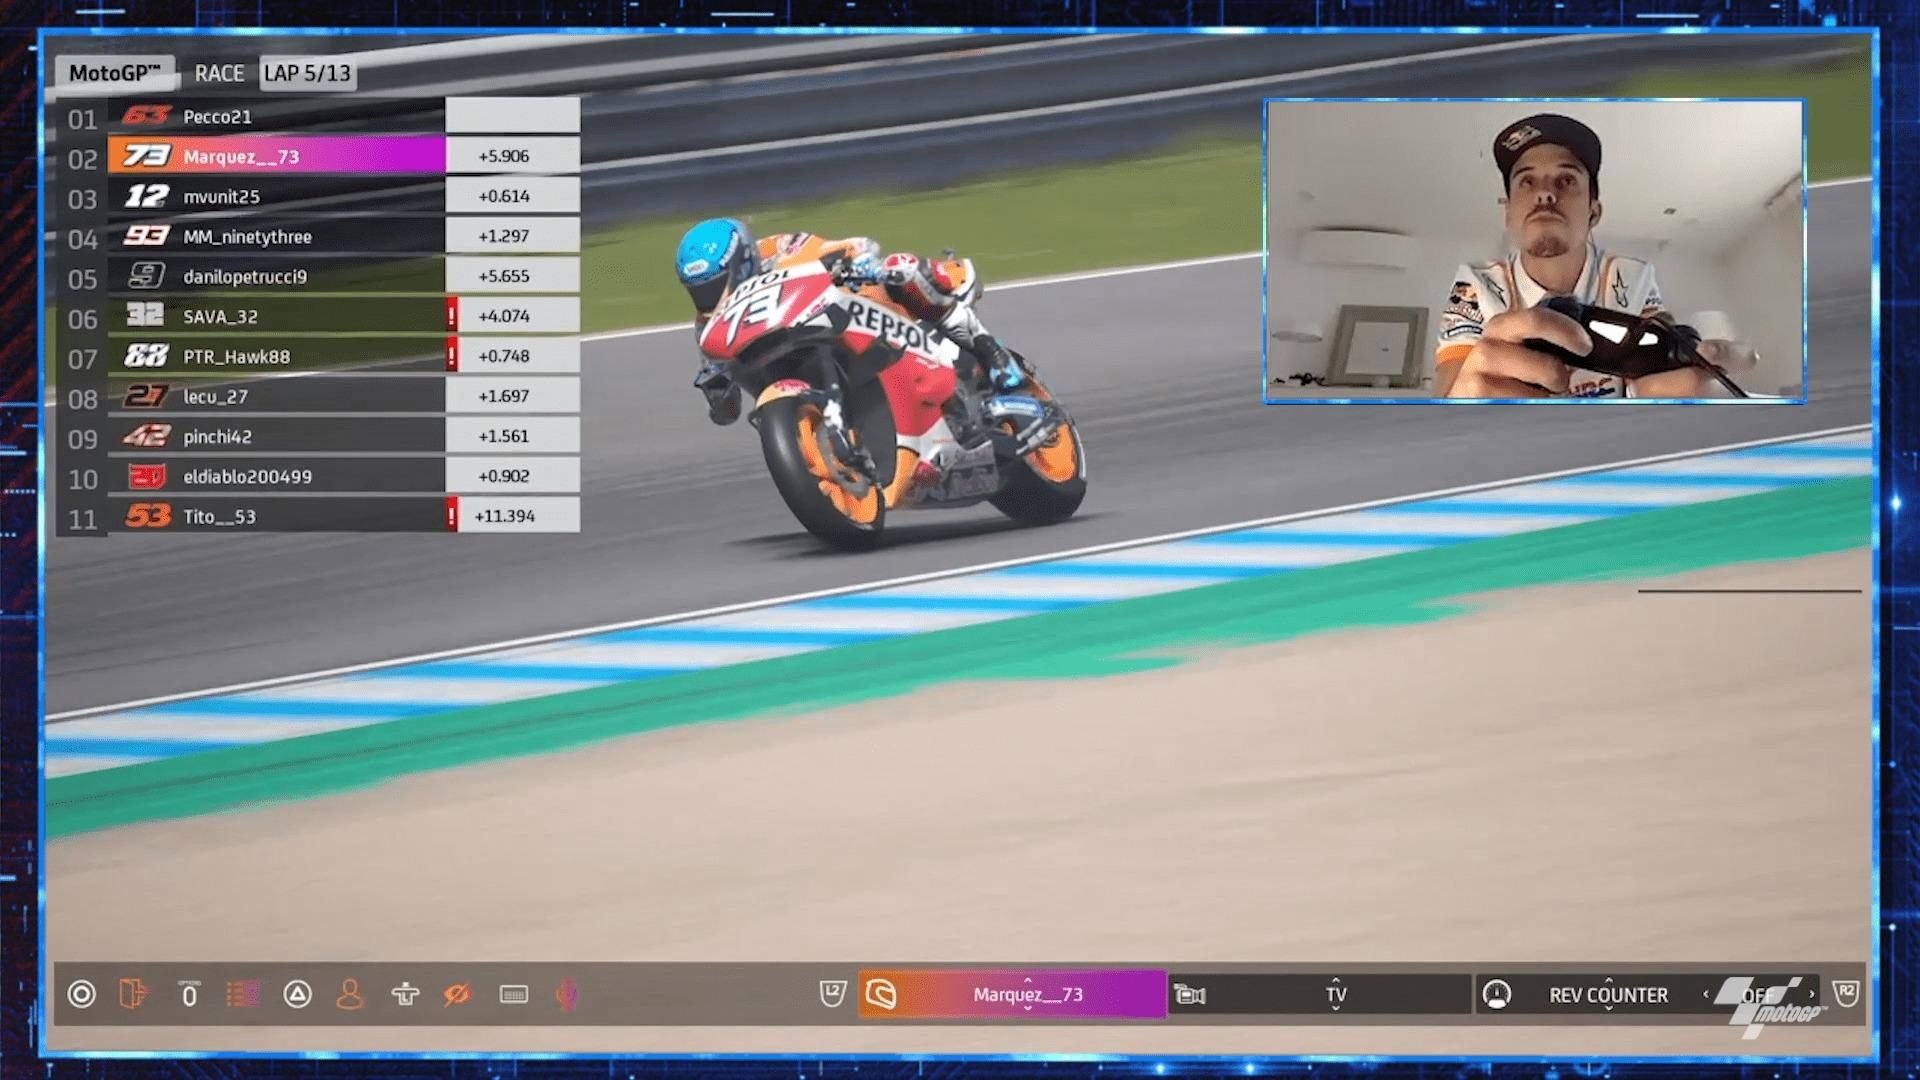 MotoGPバーチャルレース3 アレックス・マルケス「ファンのために面白いレースが出来た」